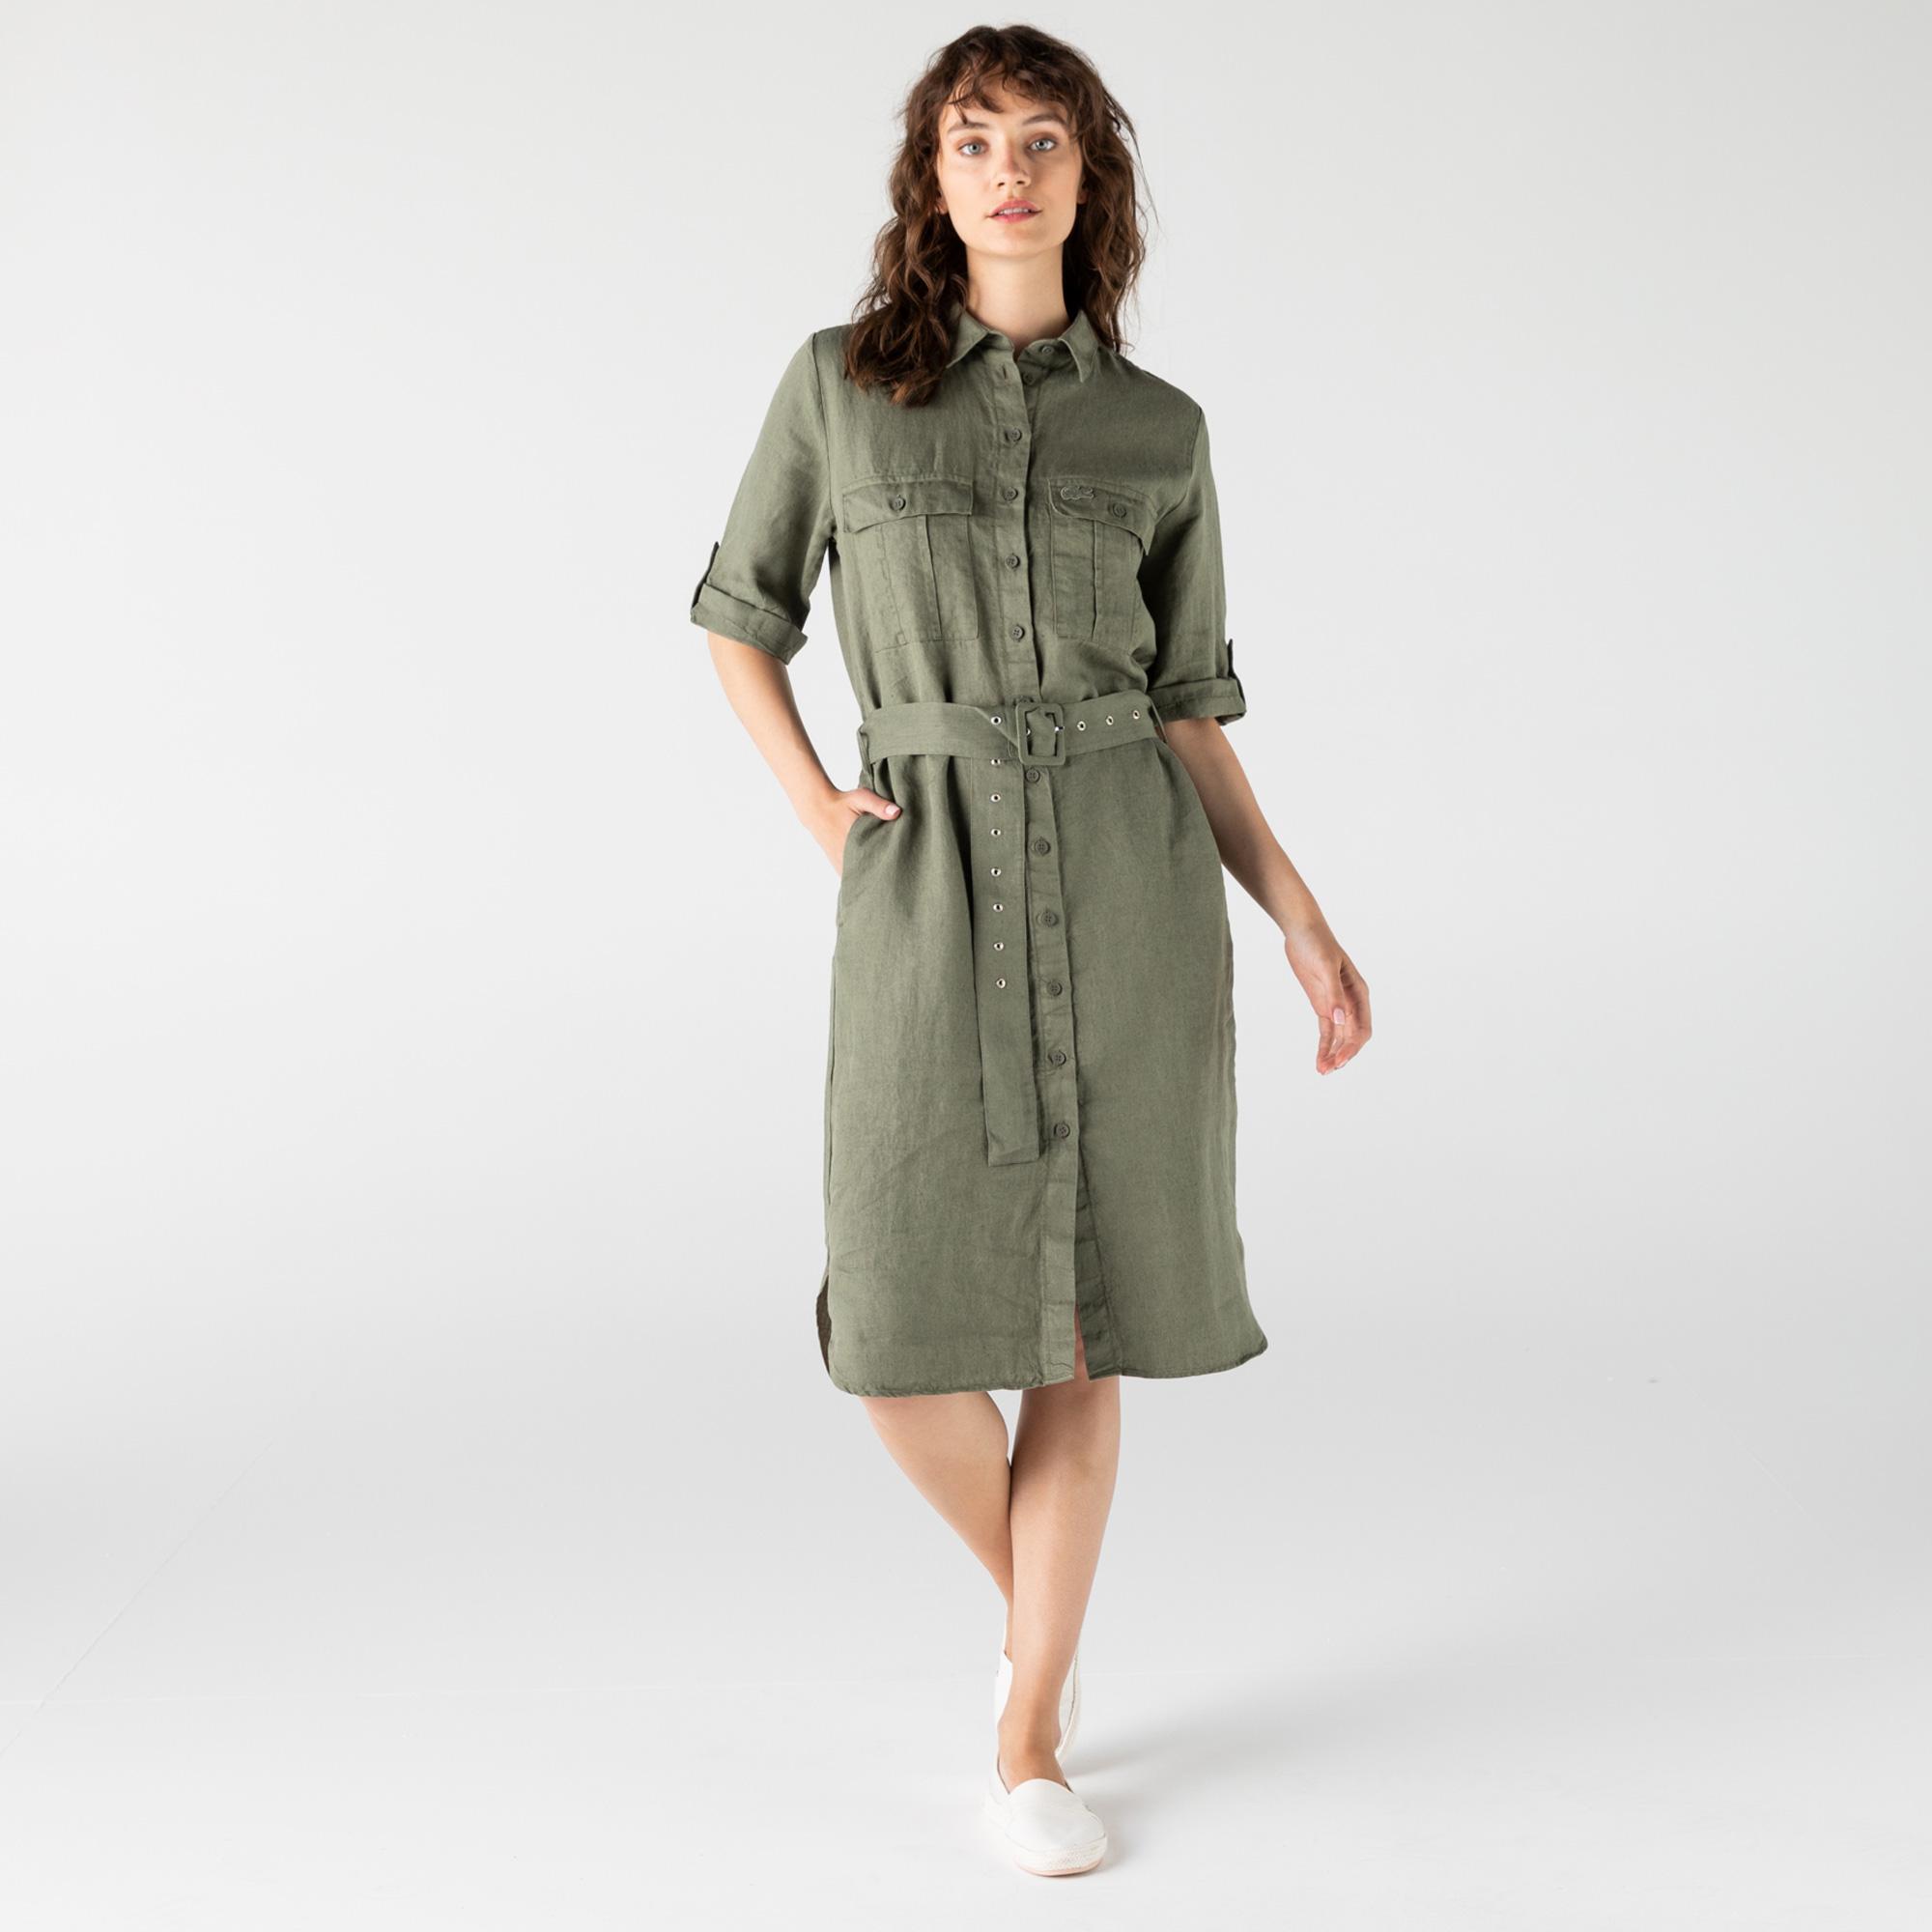 Lacoste Kadın Regular Fit Keten Gömlek Yaka Kısa Kollu Haki Elbise